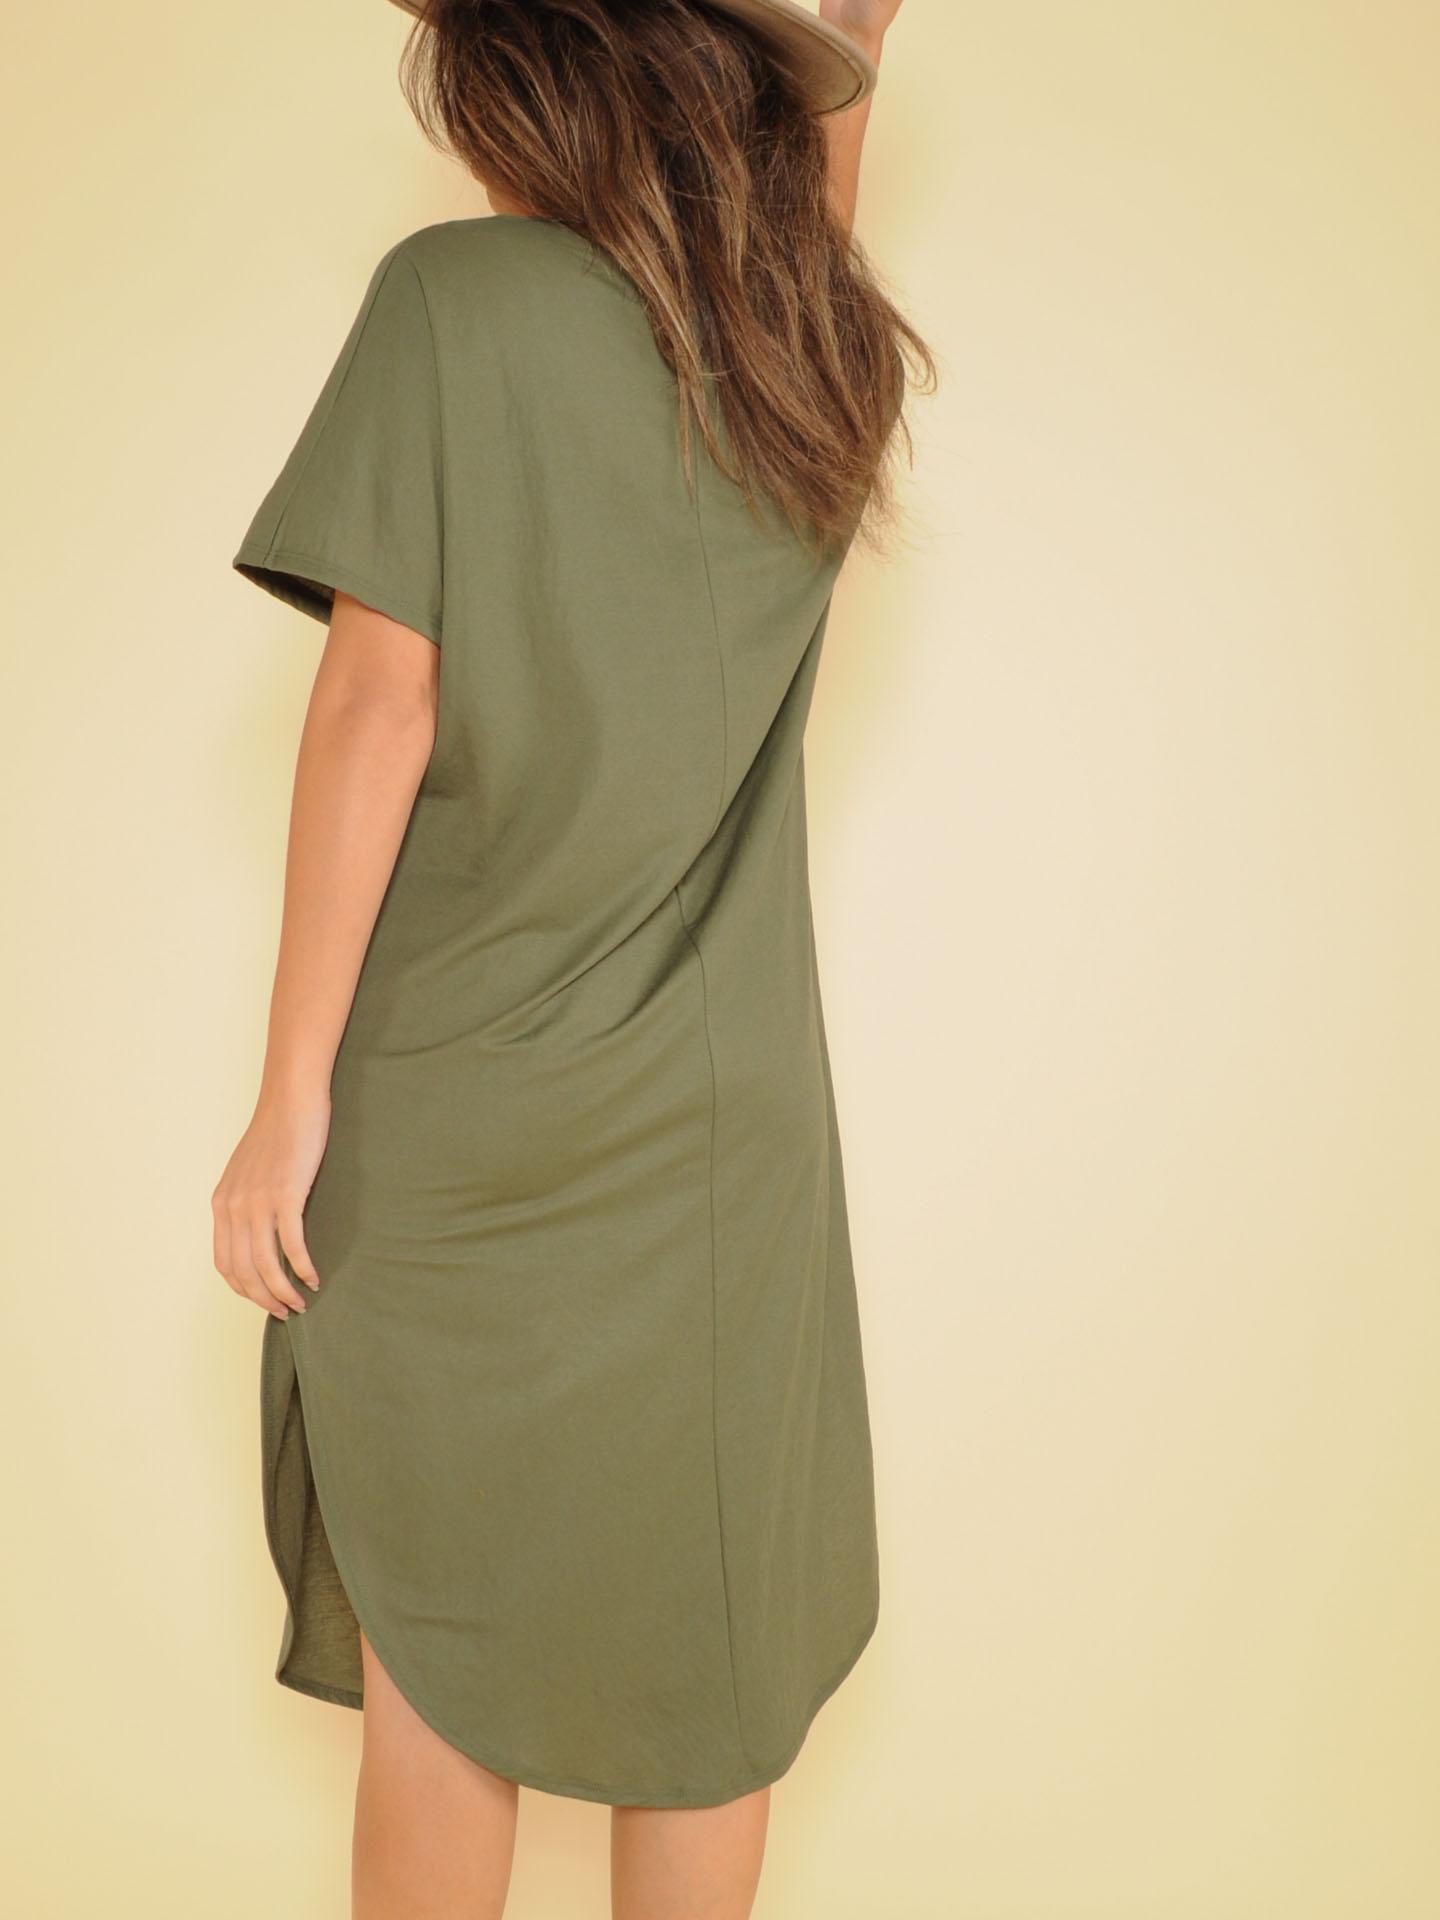 Manny Tee Dress Basic Maxi V Neck Olive Back